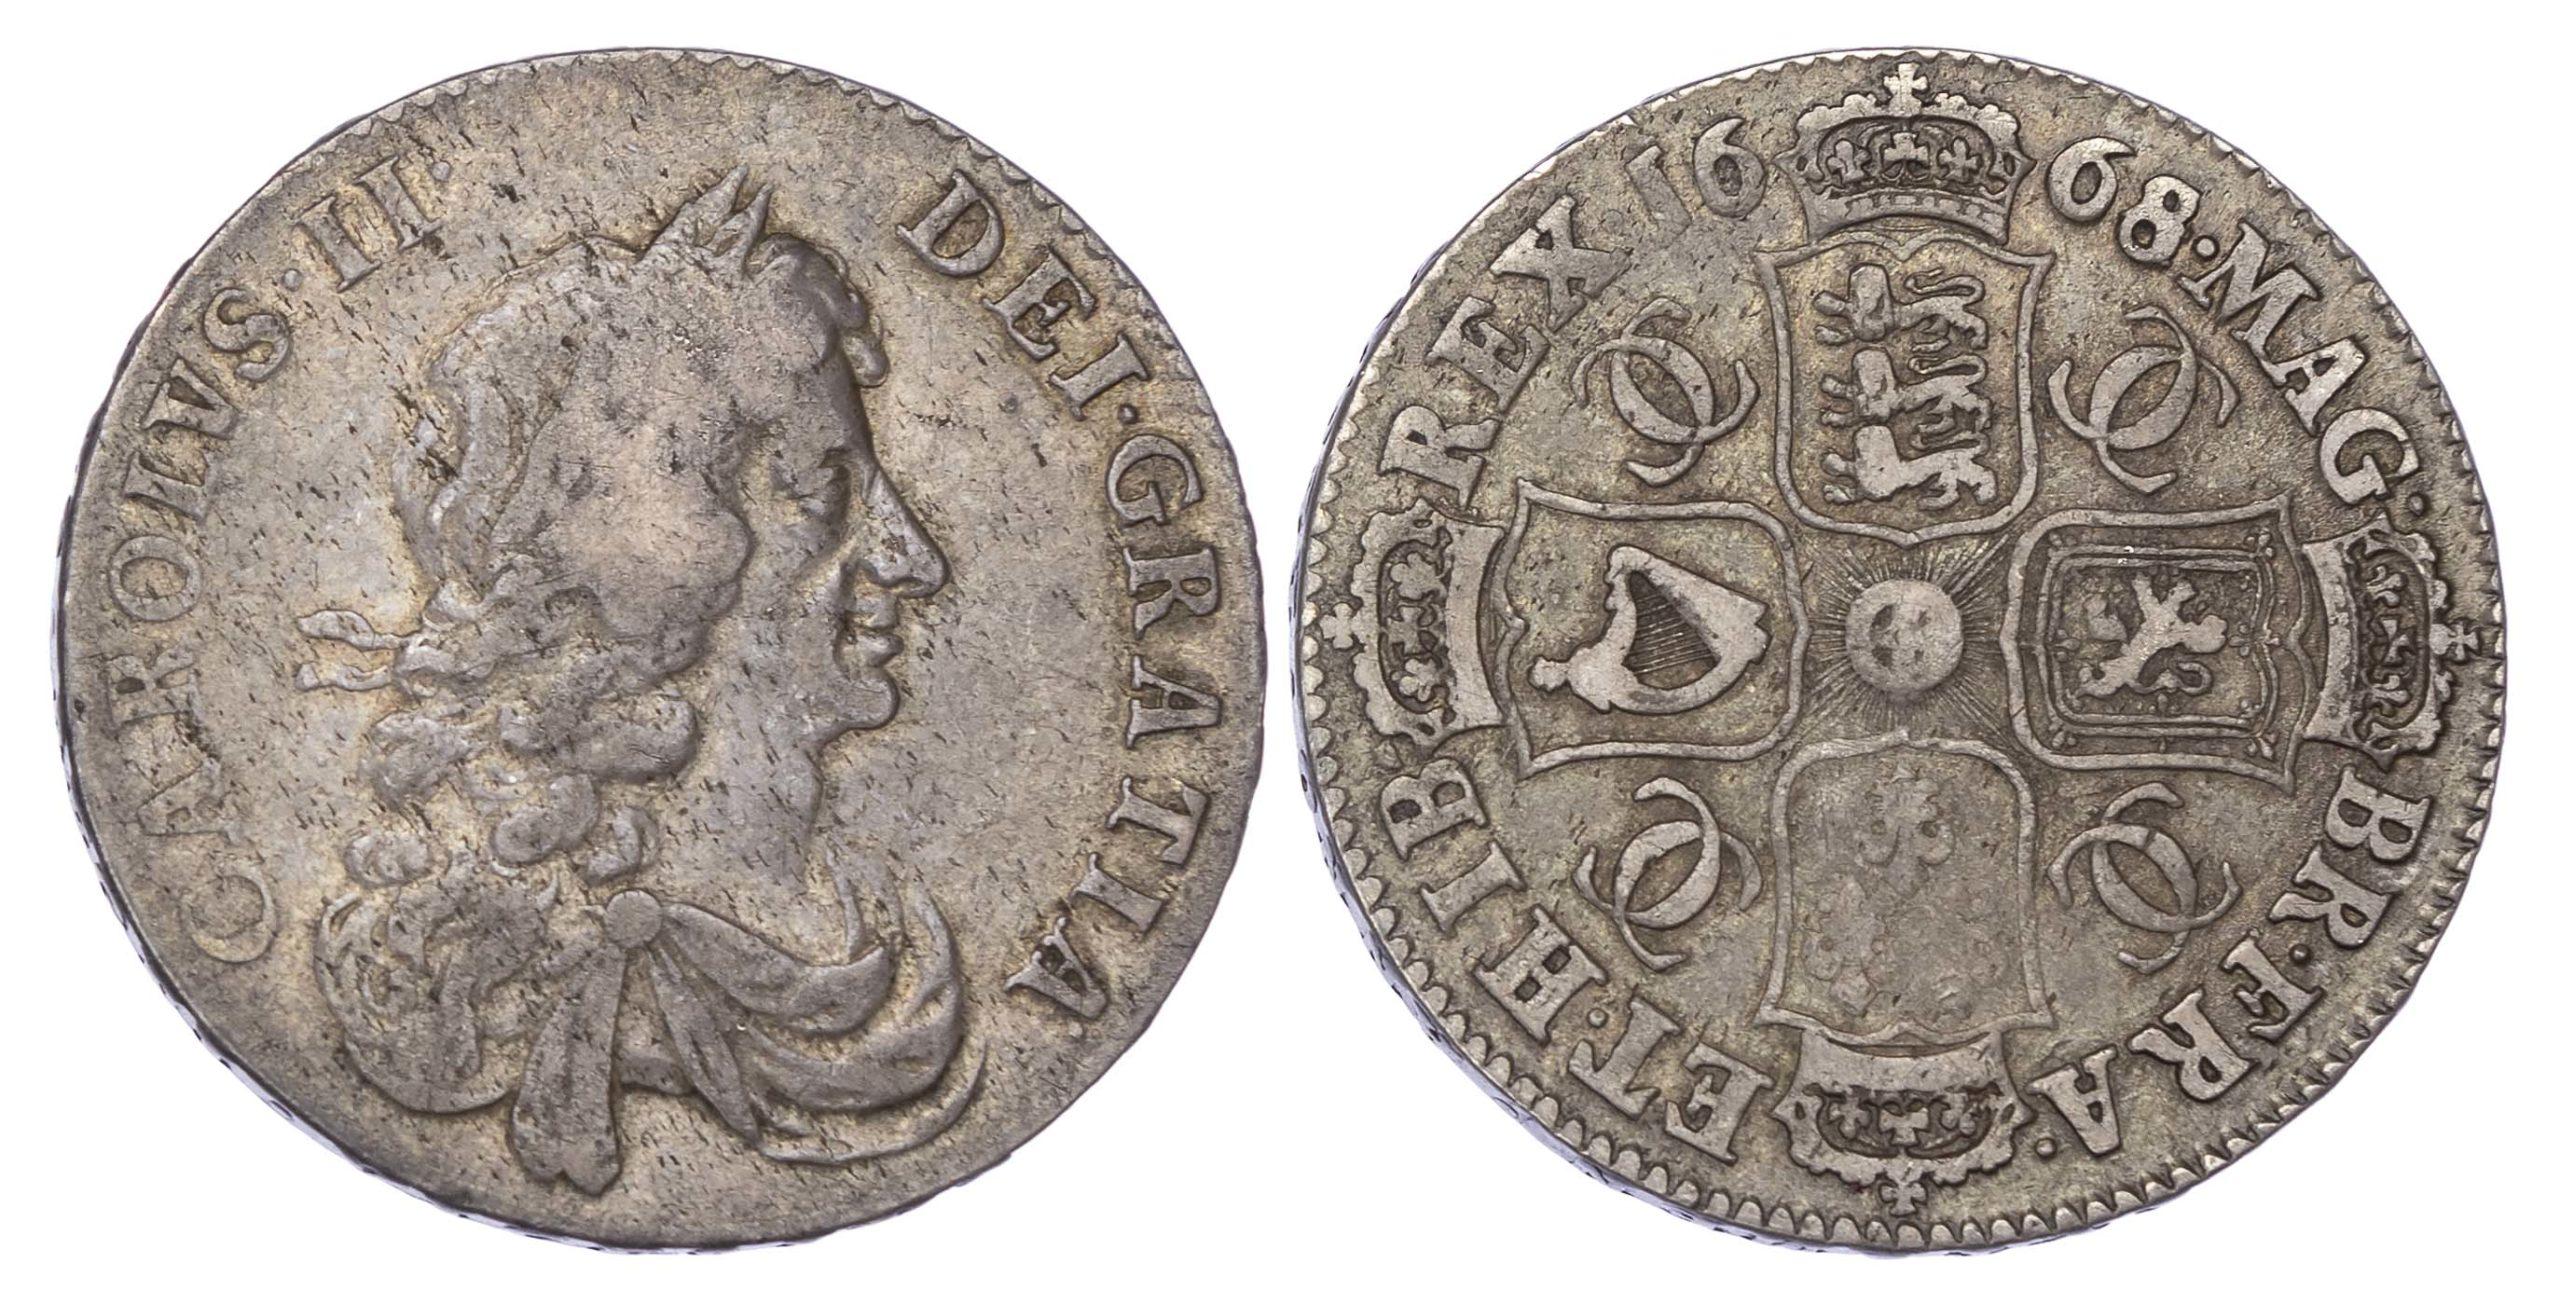 Charles II (1660-85), 1668/4 Halfcrown, third bust